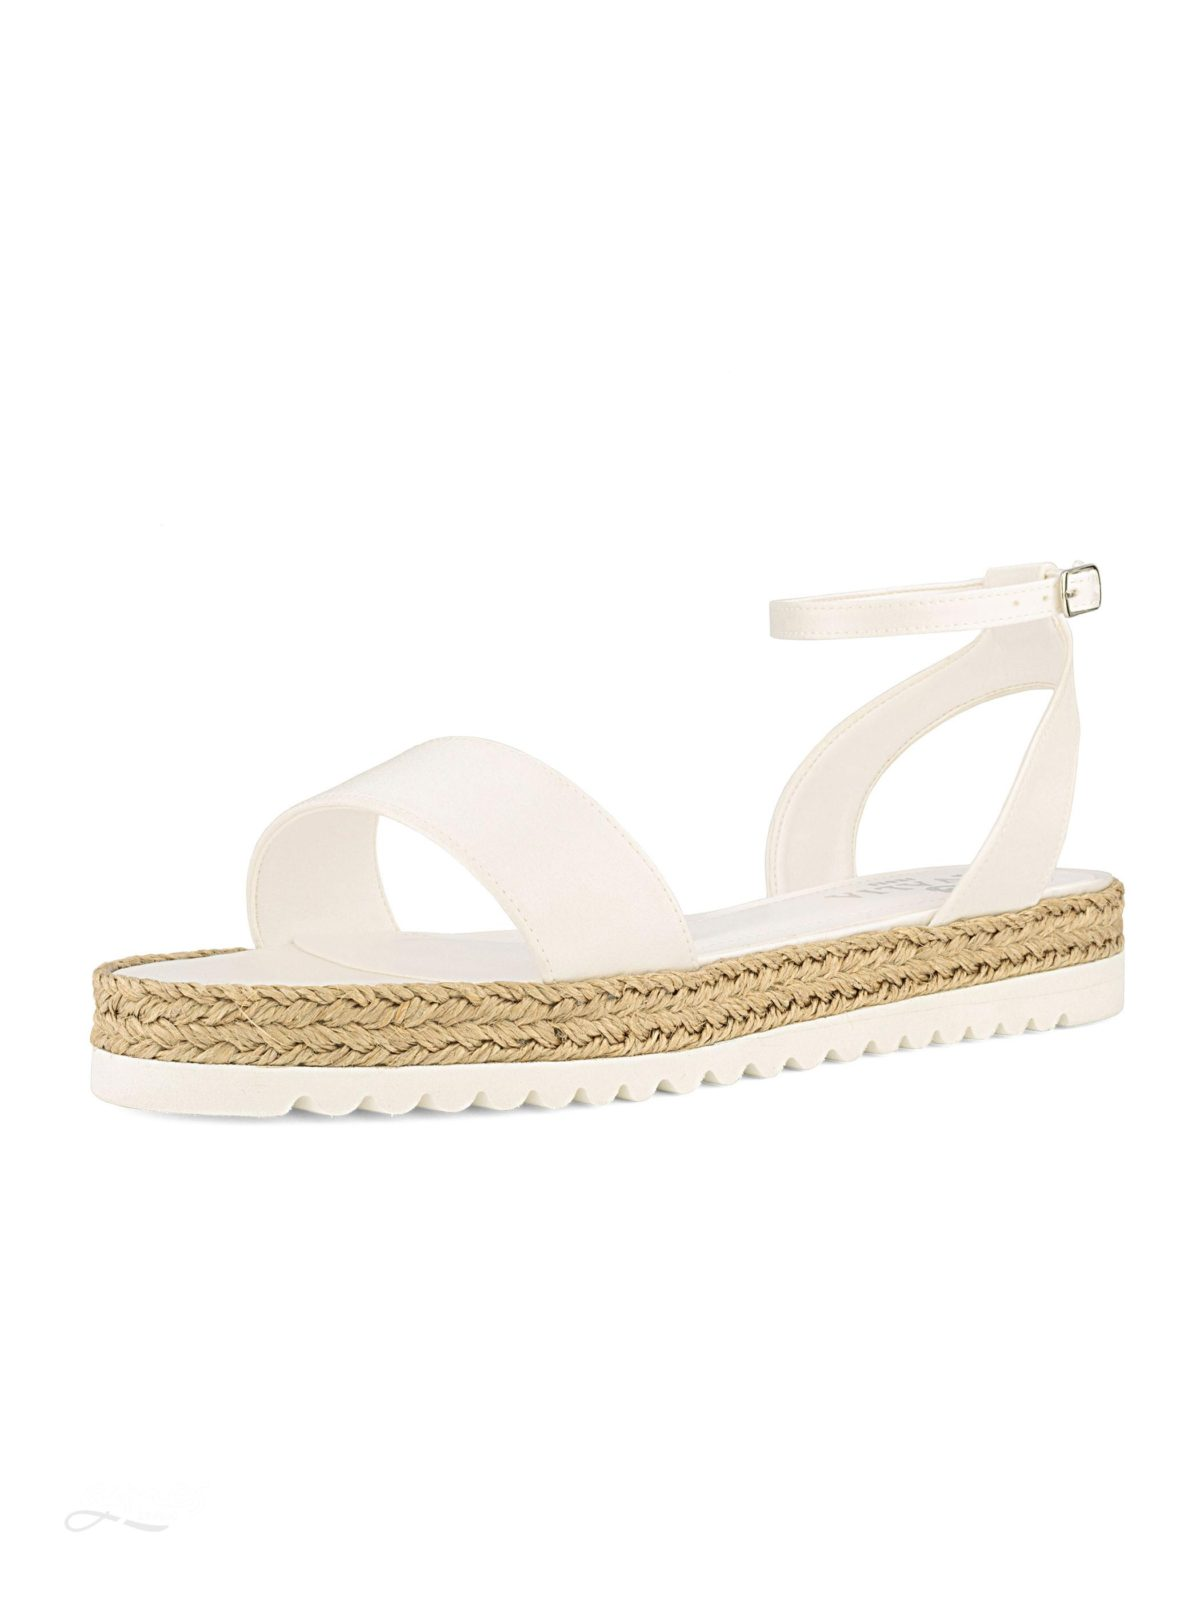 studioagnes-bridal-shoes_NADIA-(2)